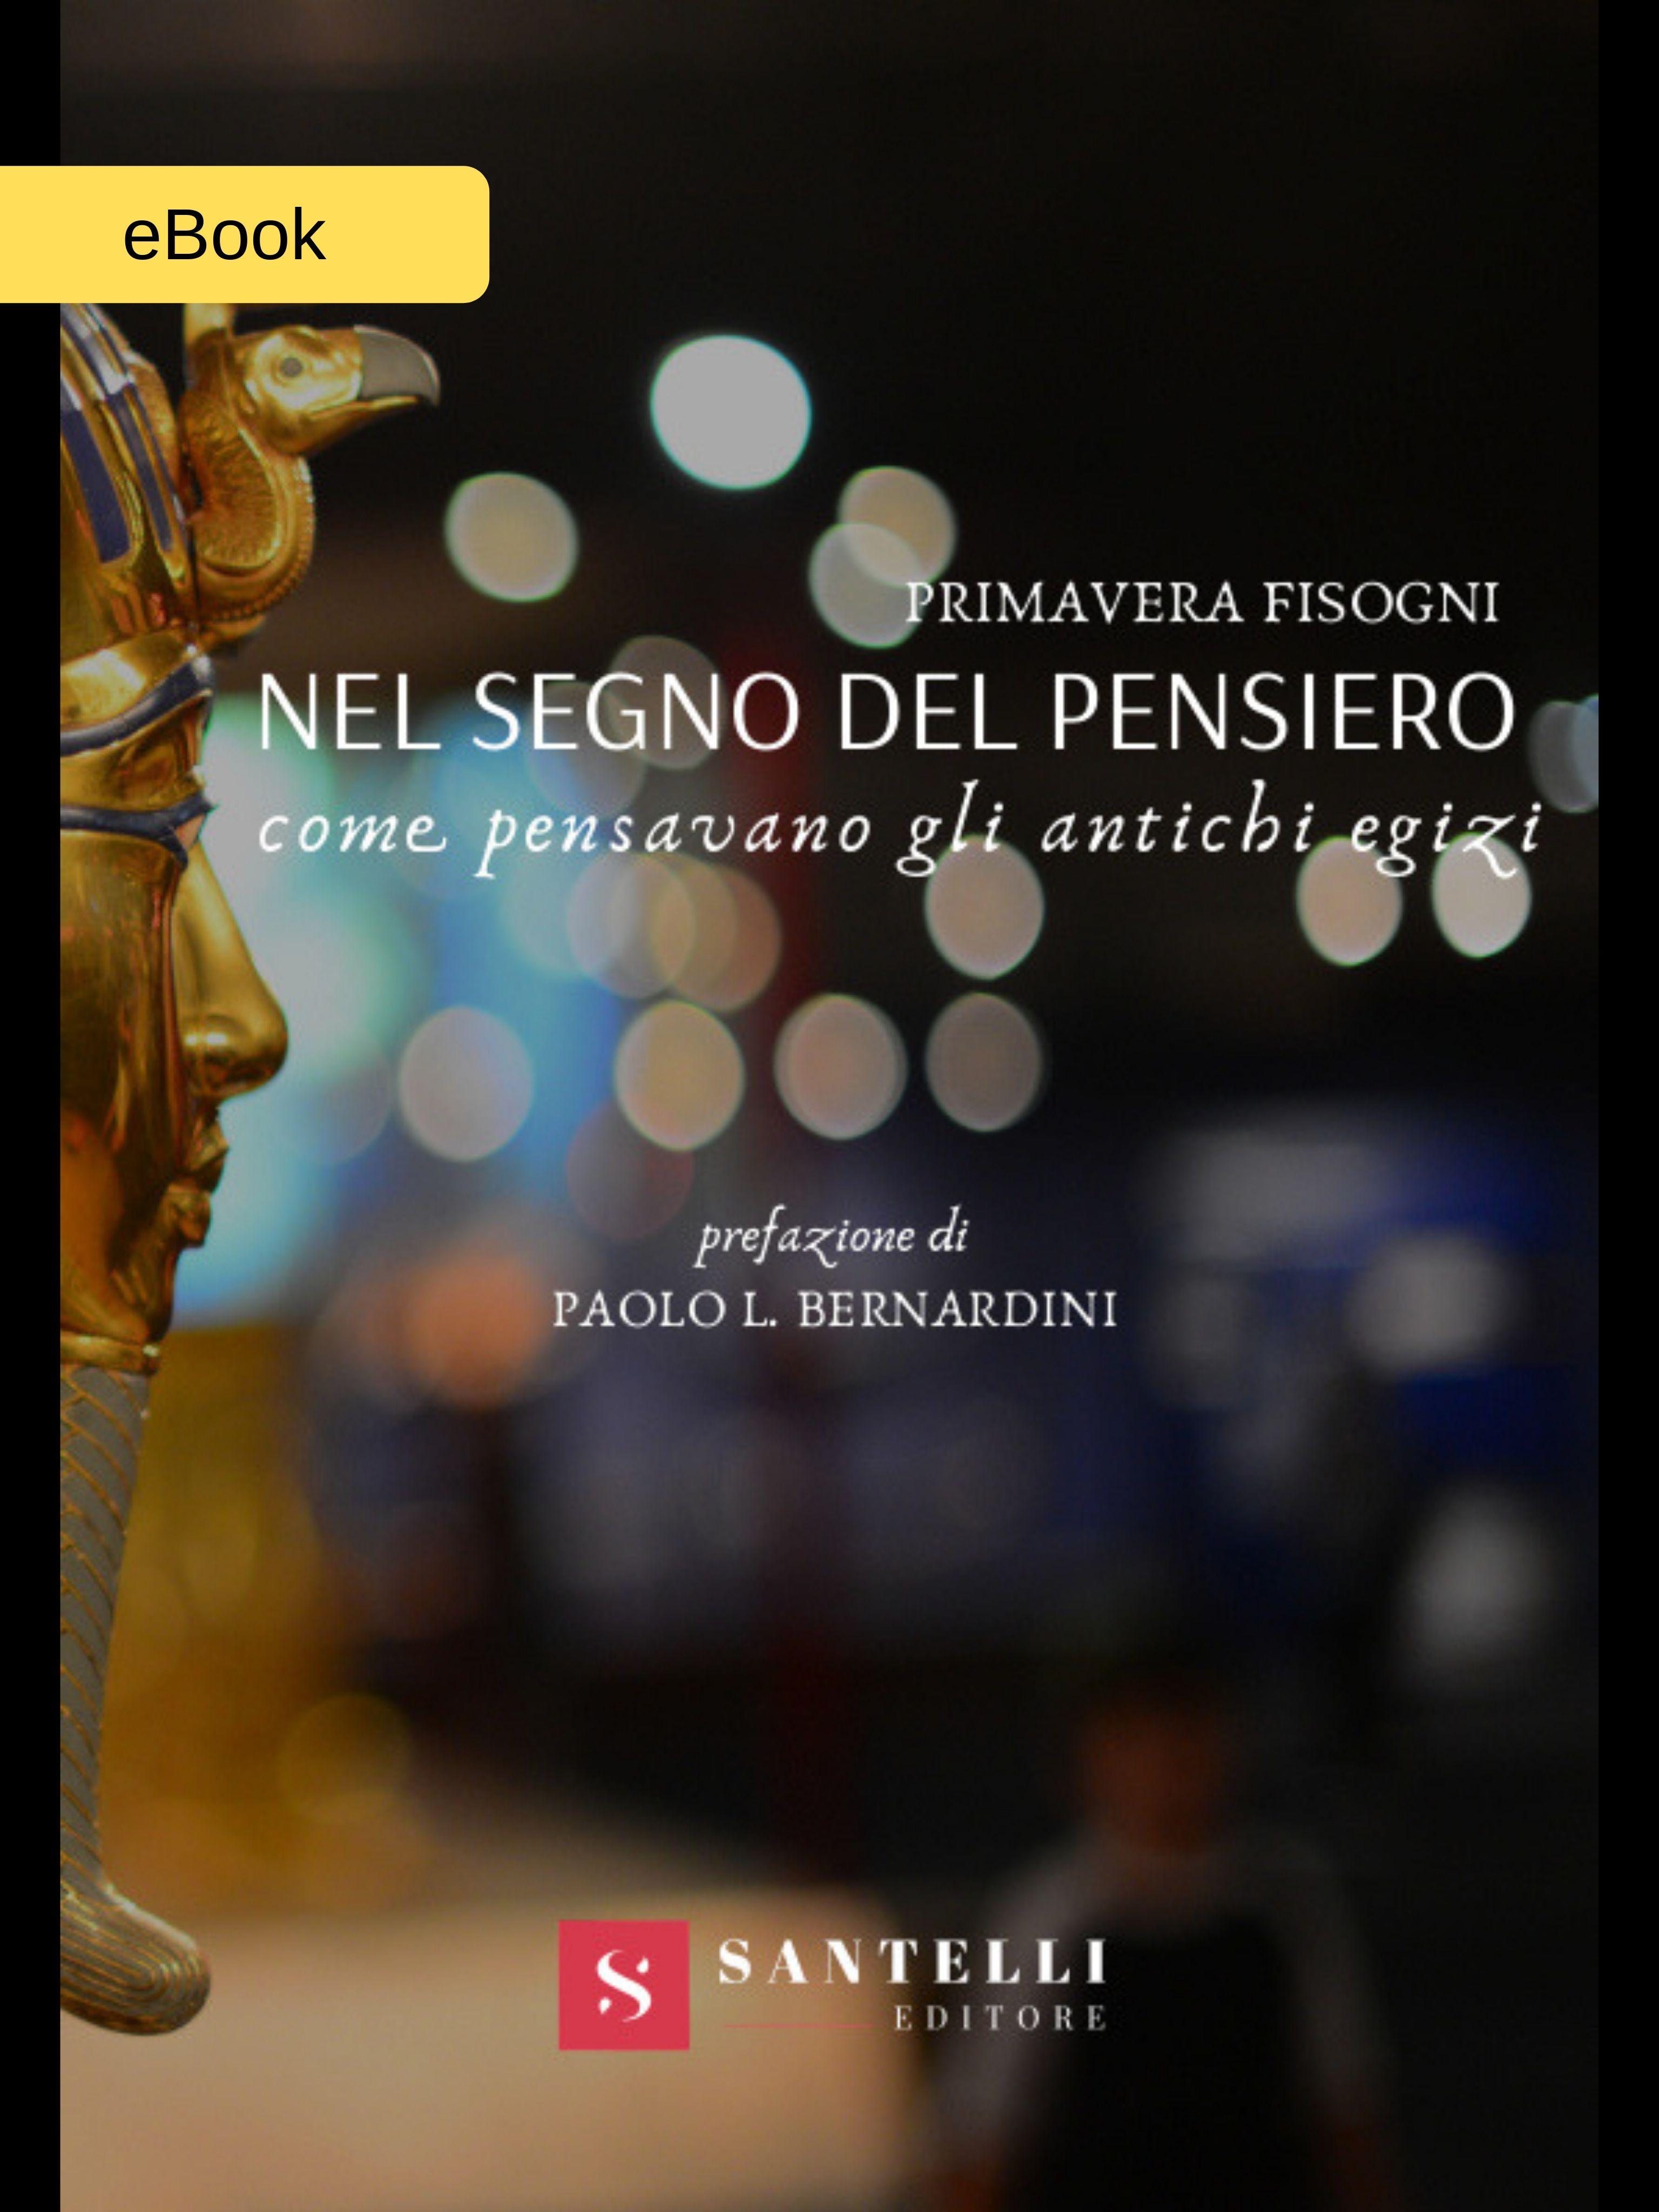 Nel segno del pensiero (eBook), Primavera Vera Fisogni - cover